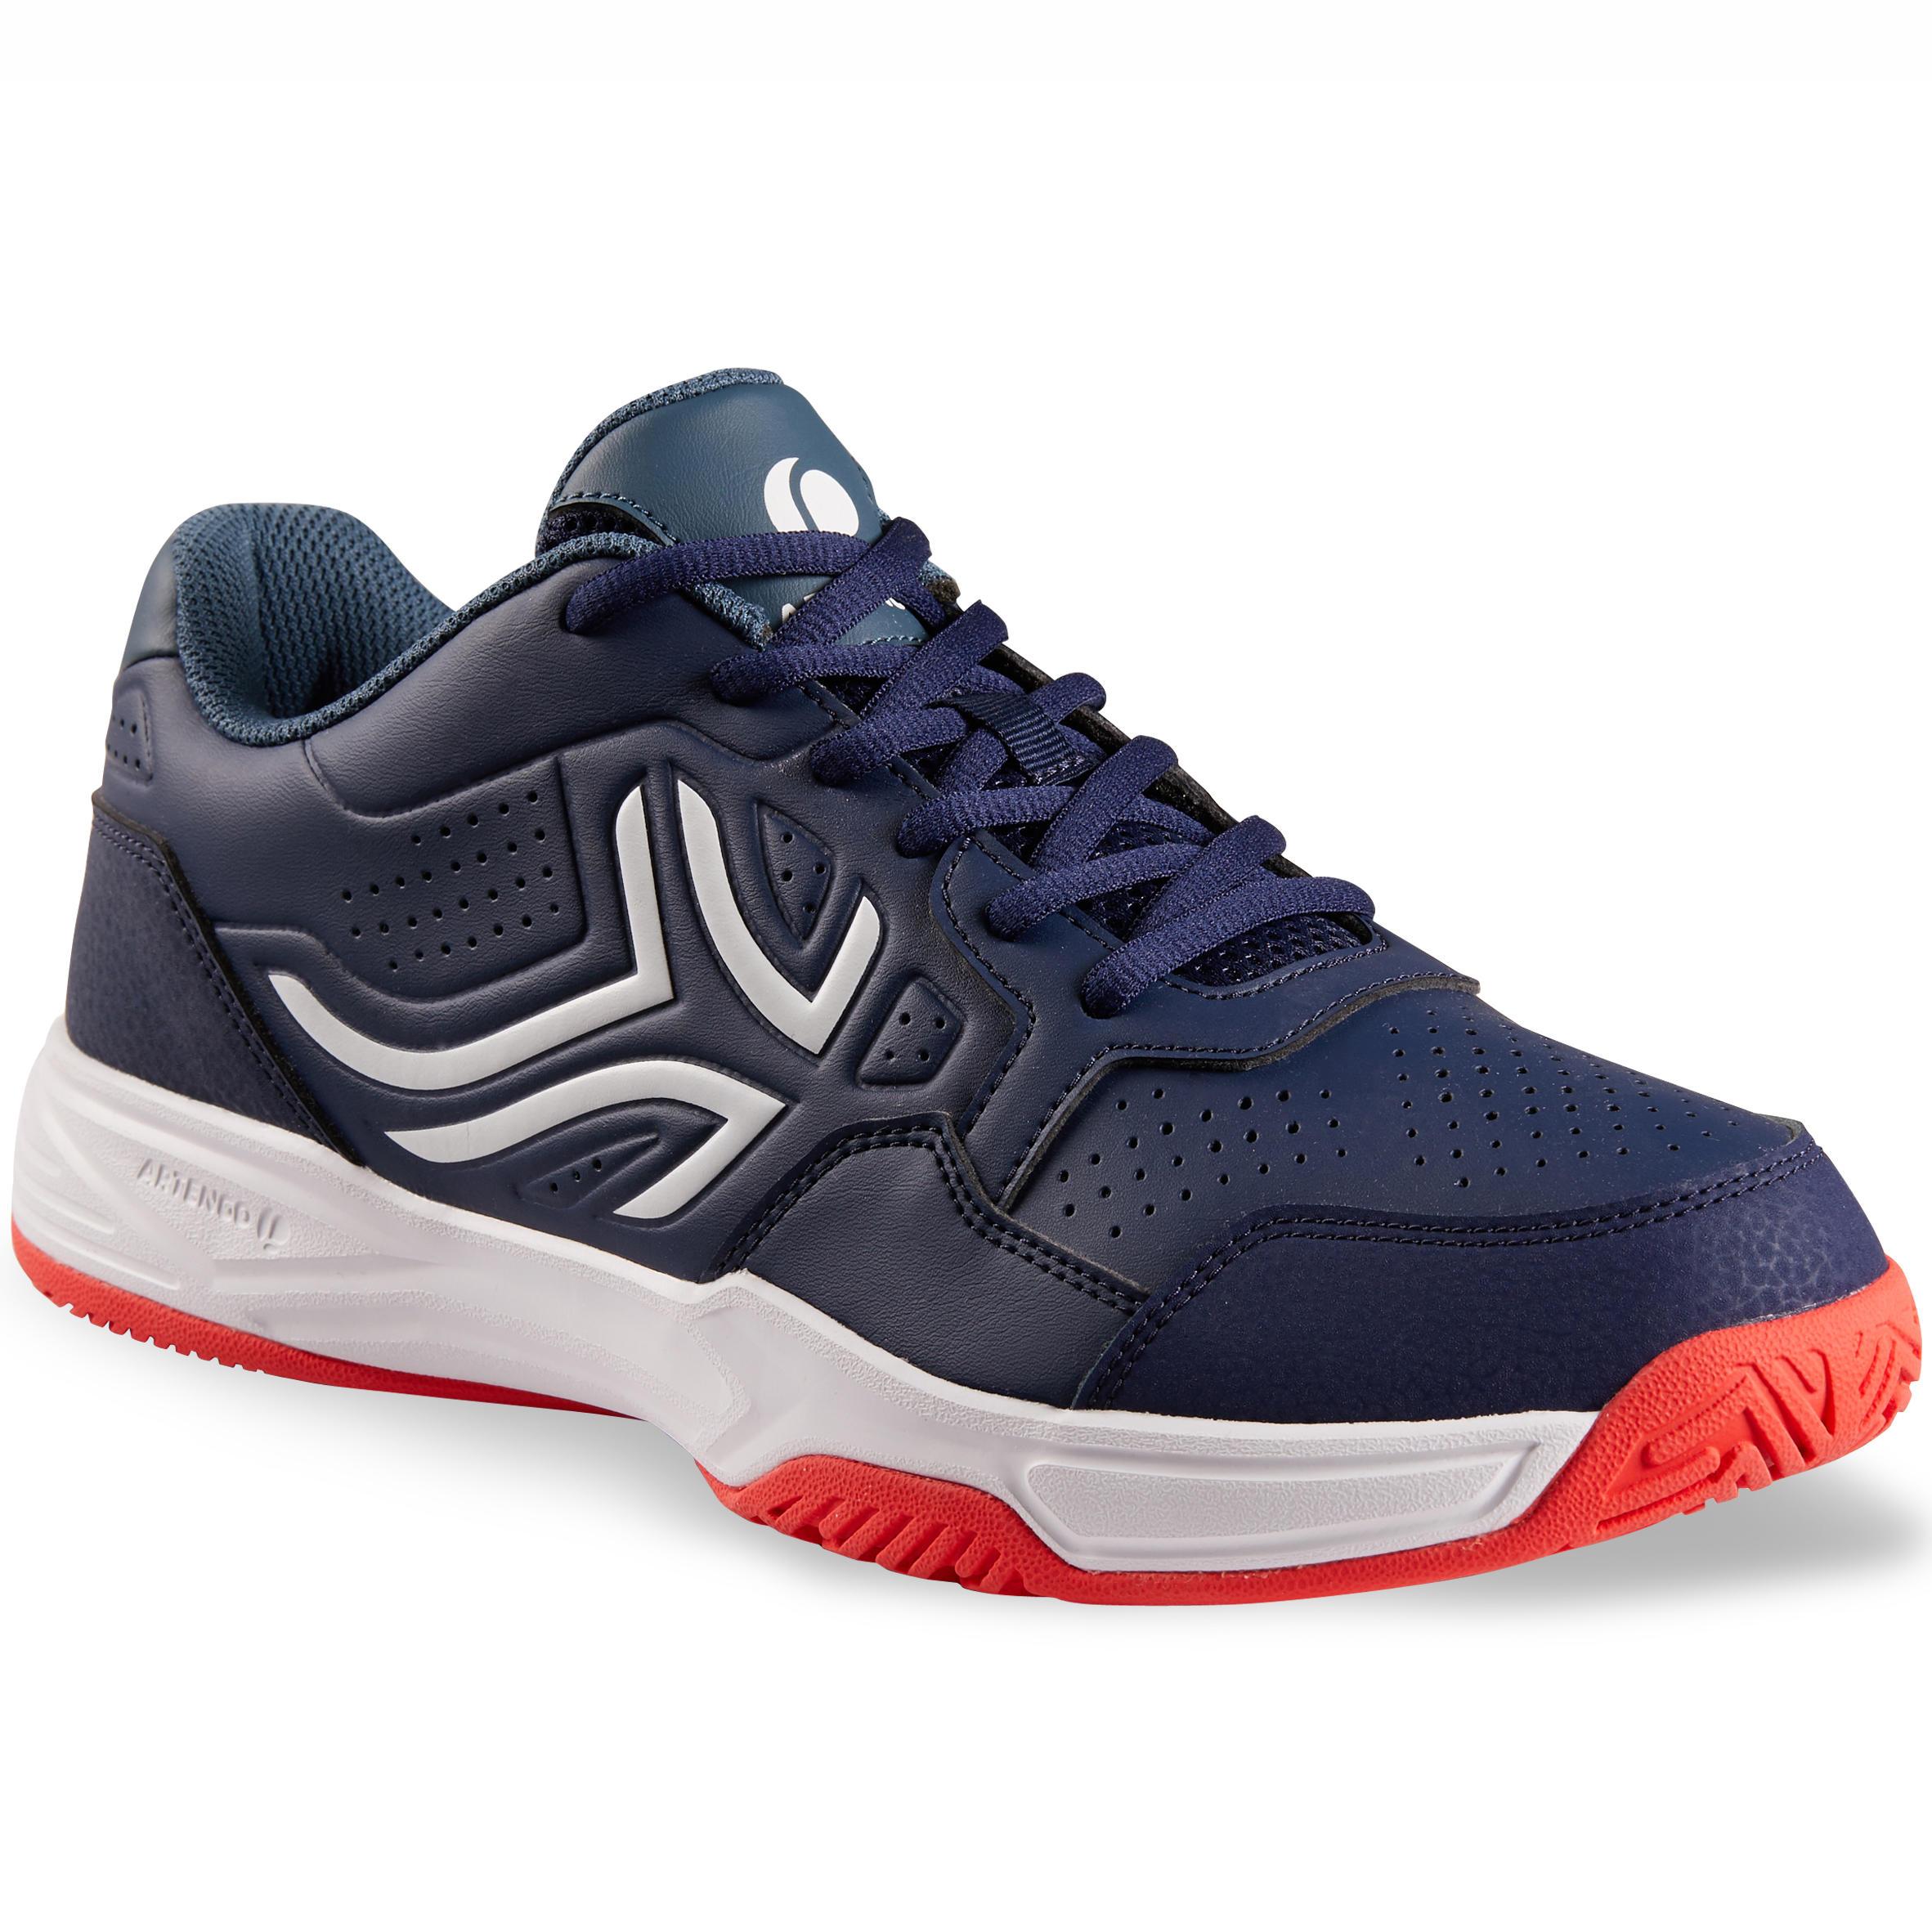 Artengo Tennisschoenen voor heren TS190 multicourt marineblauw